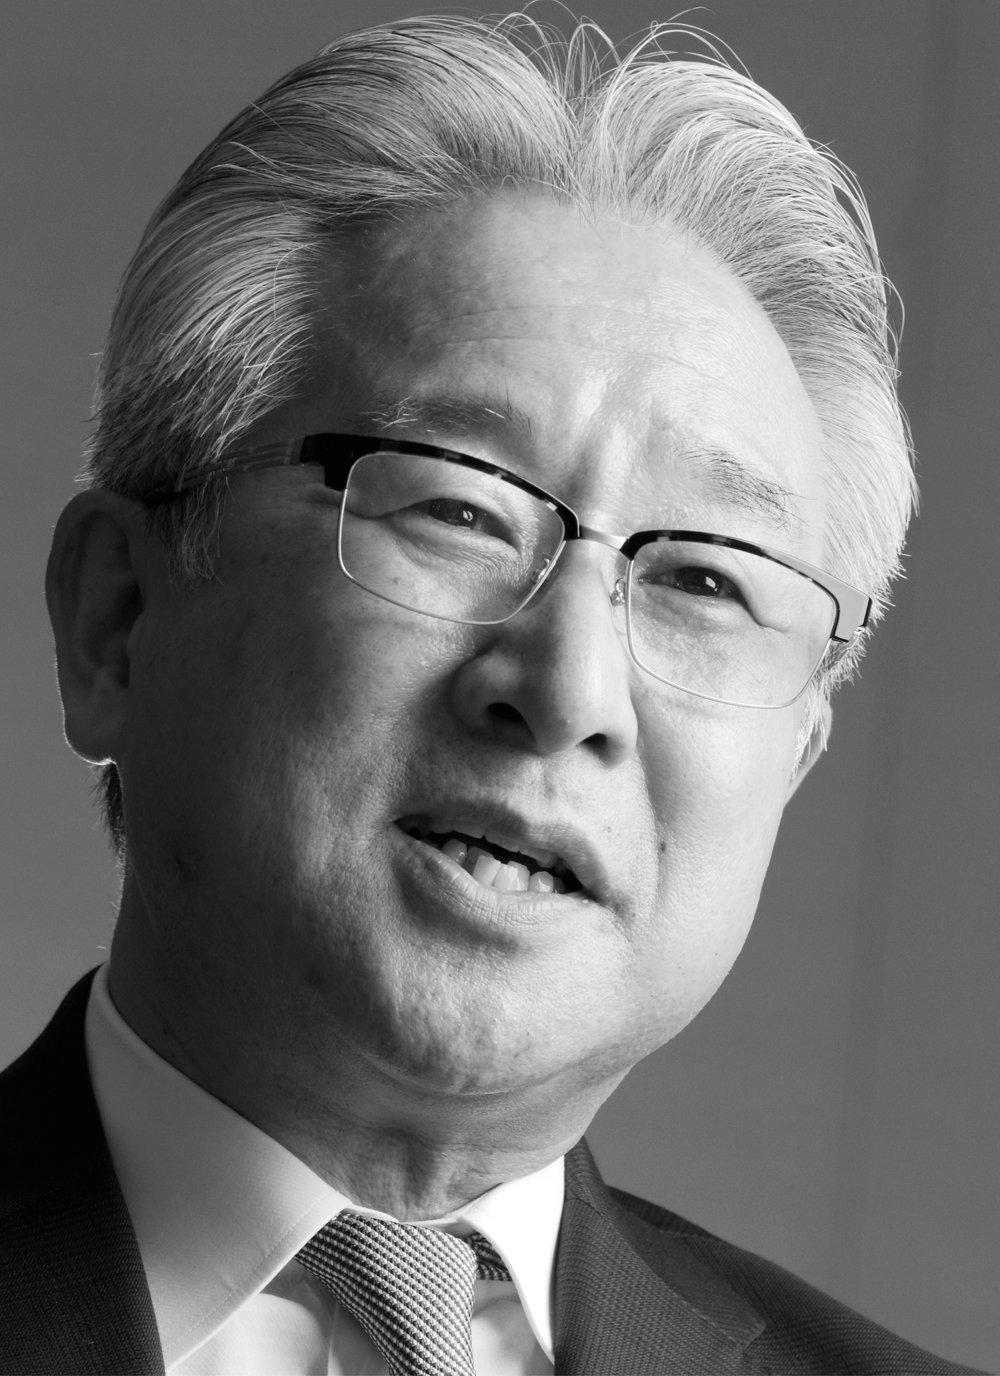 パーパスドリブン企業に生まれ変わる【前編】<br />